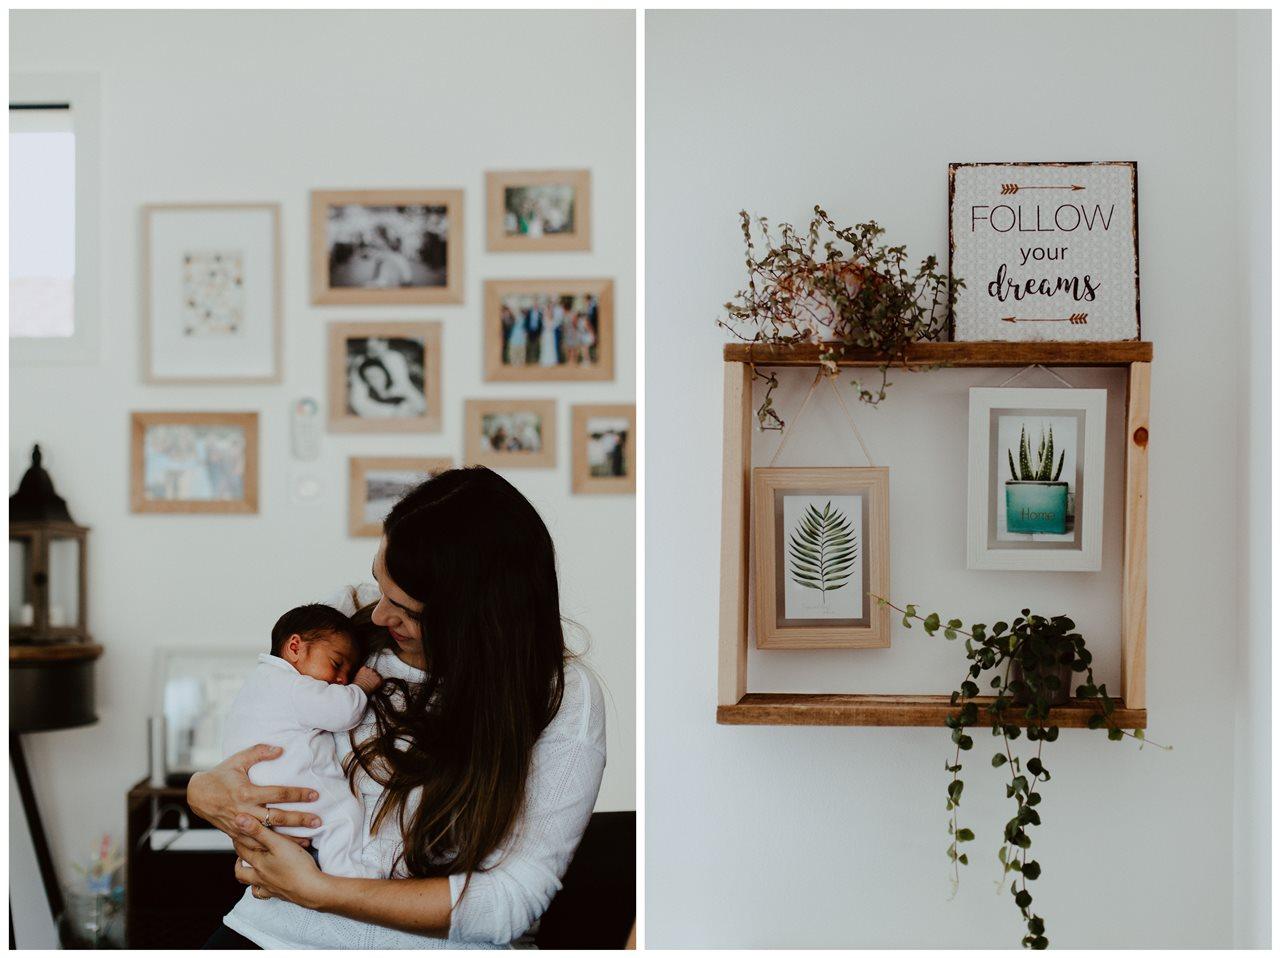 séance nouveau-né lifestyle portrait maman bébé